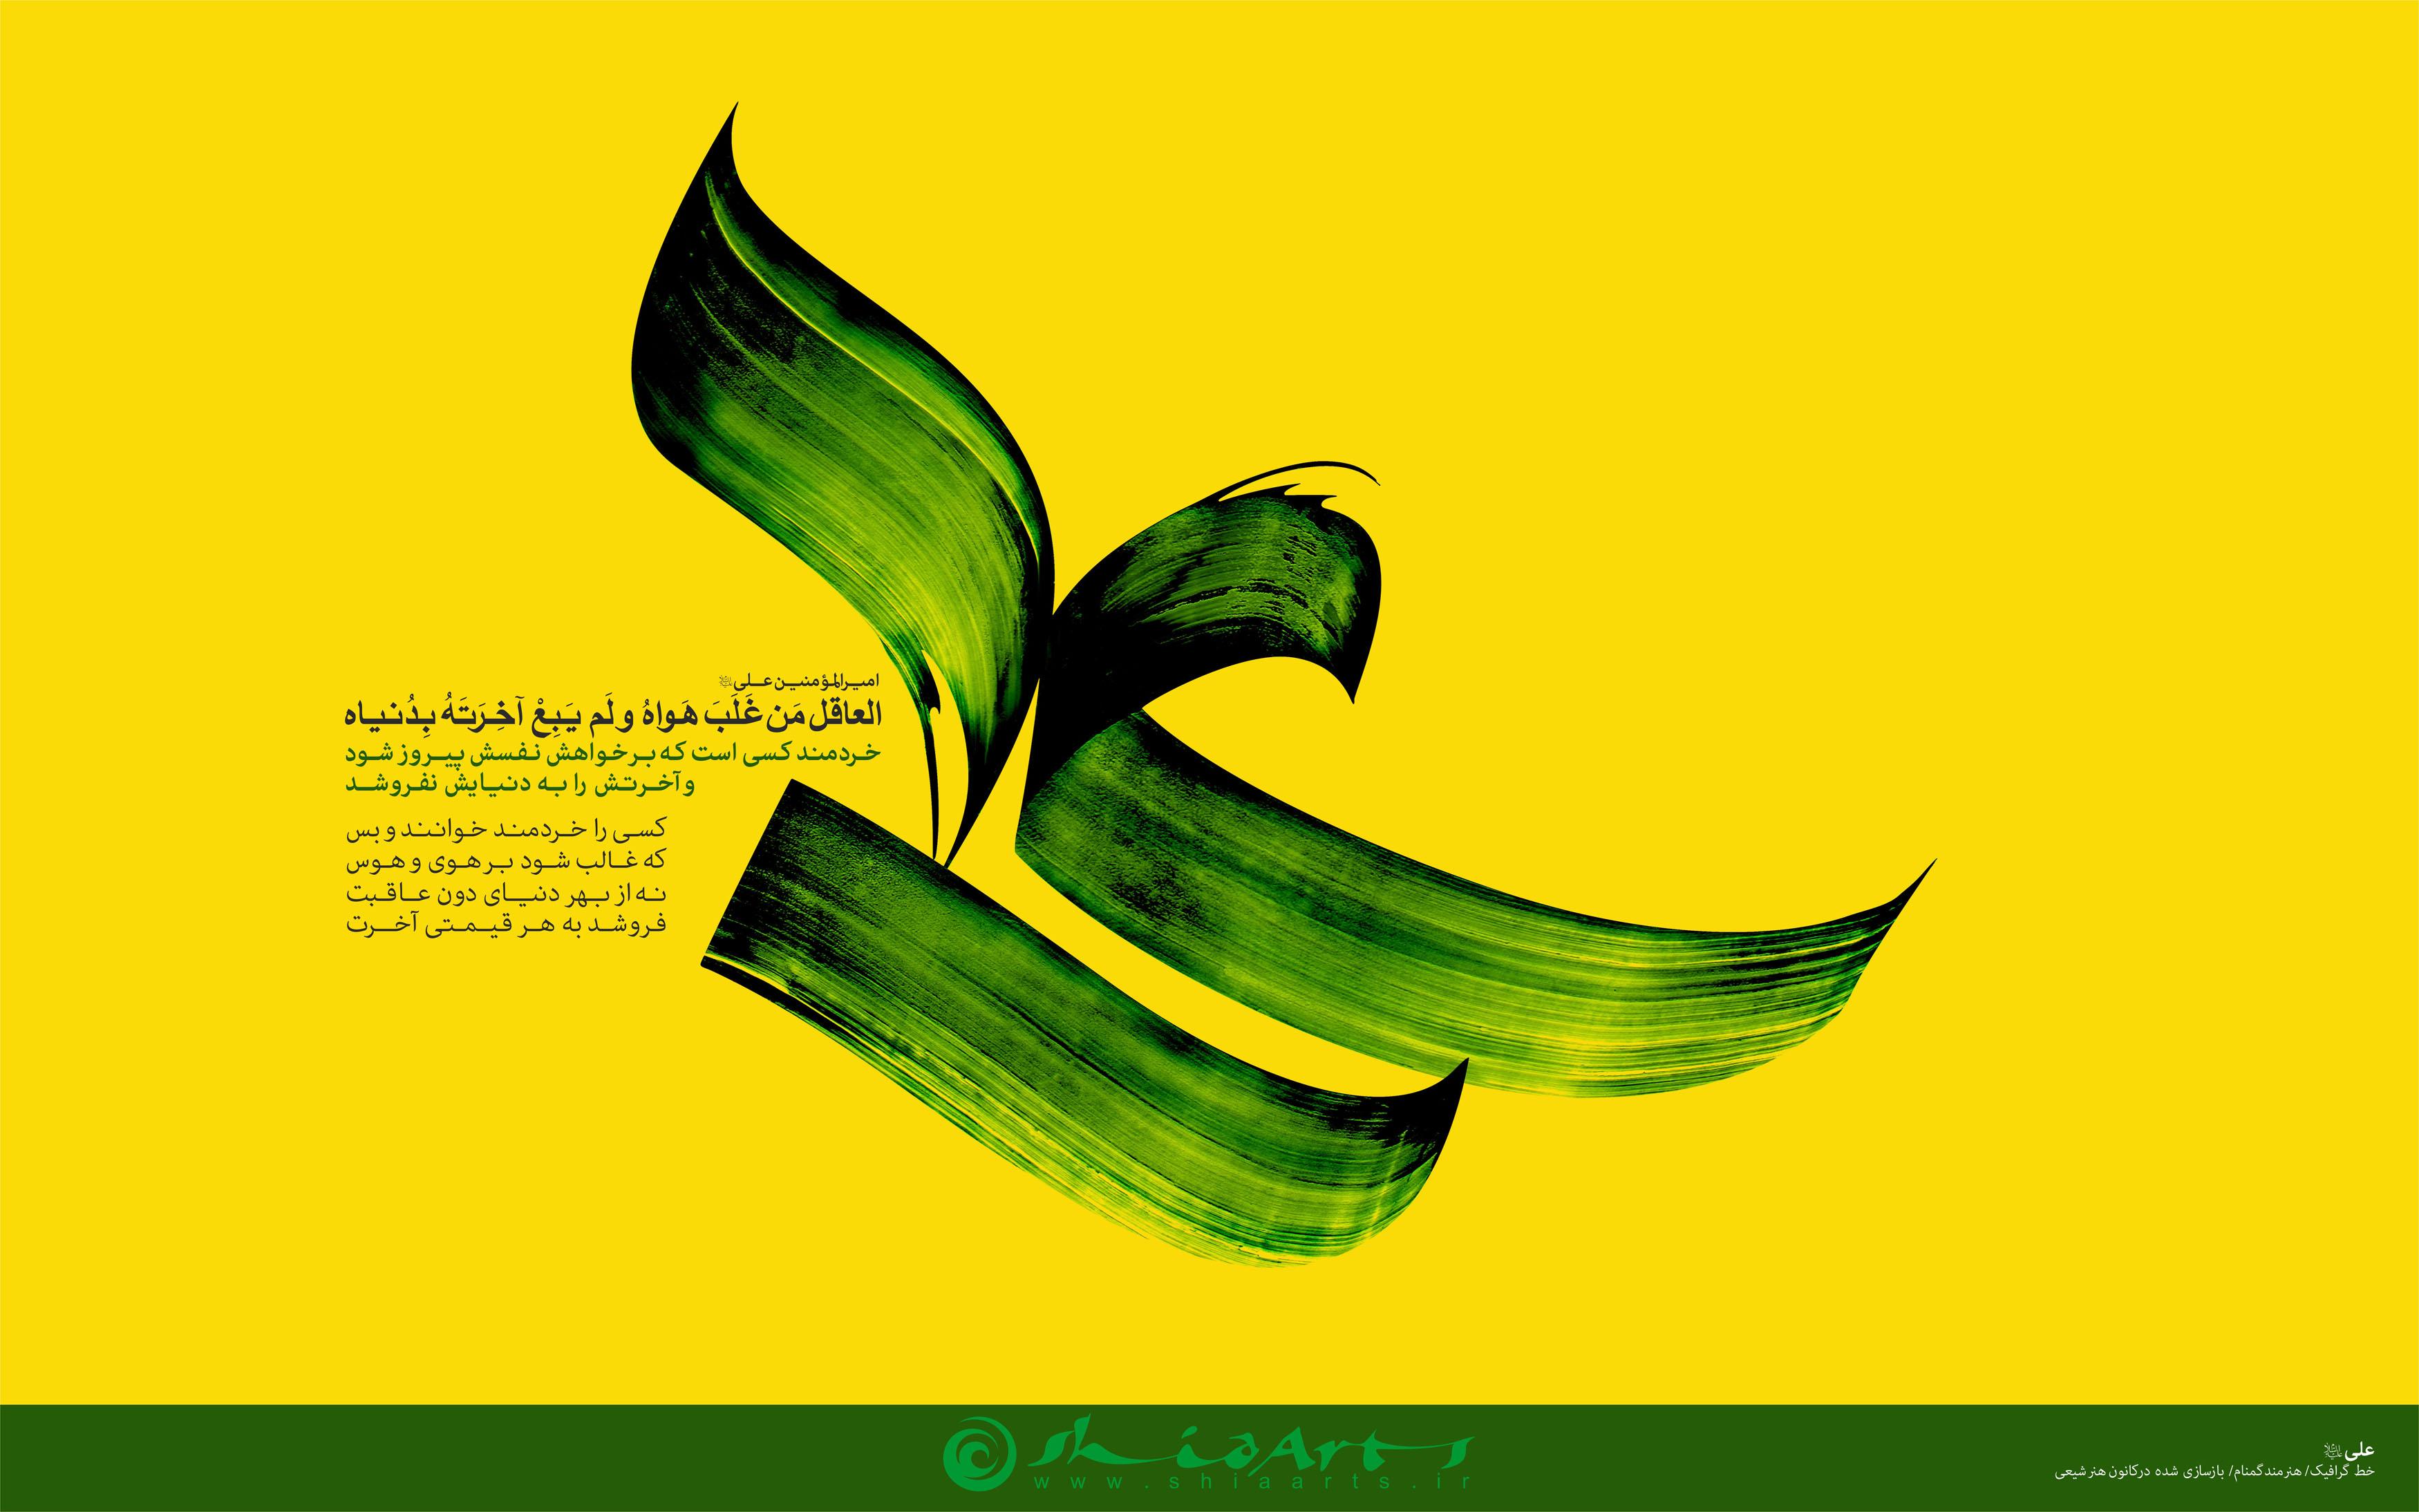 پوستر امام علی(ع) بخط گرافیکی